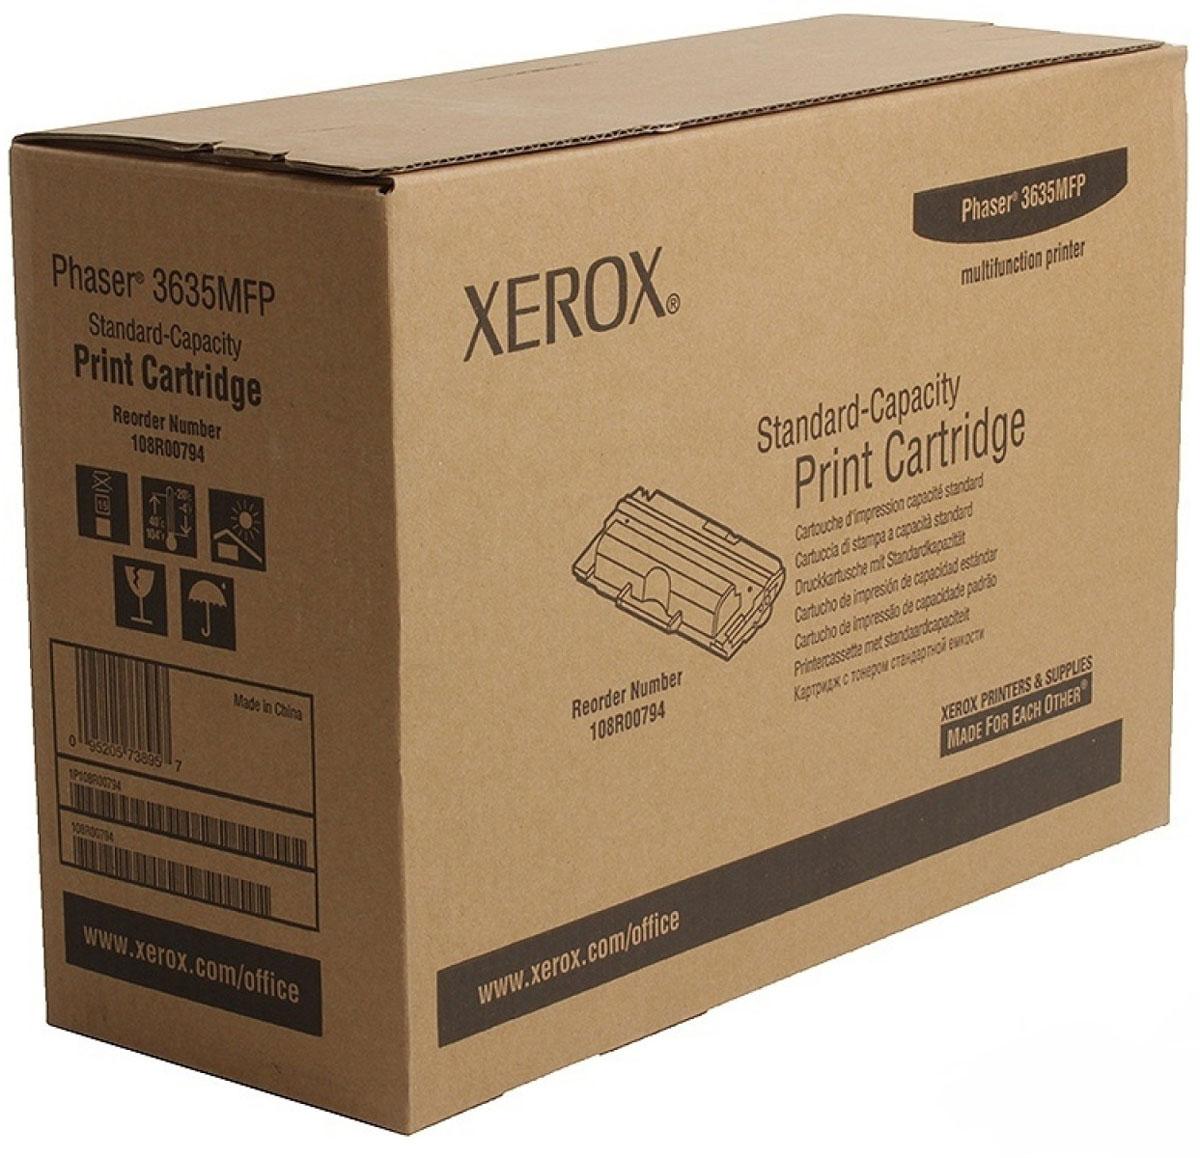 Картридж Xerox 108R00794, черный, для лазерного принтера, оригинал